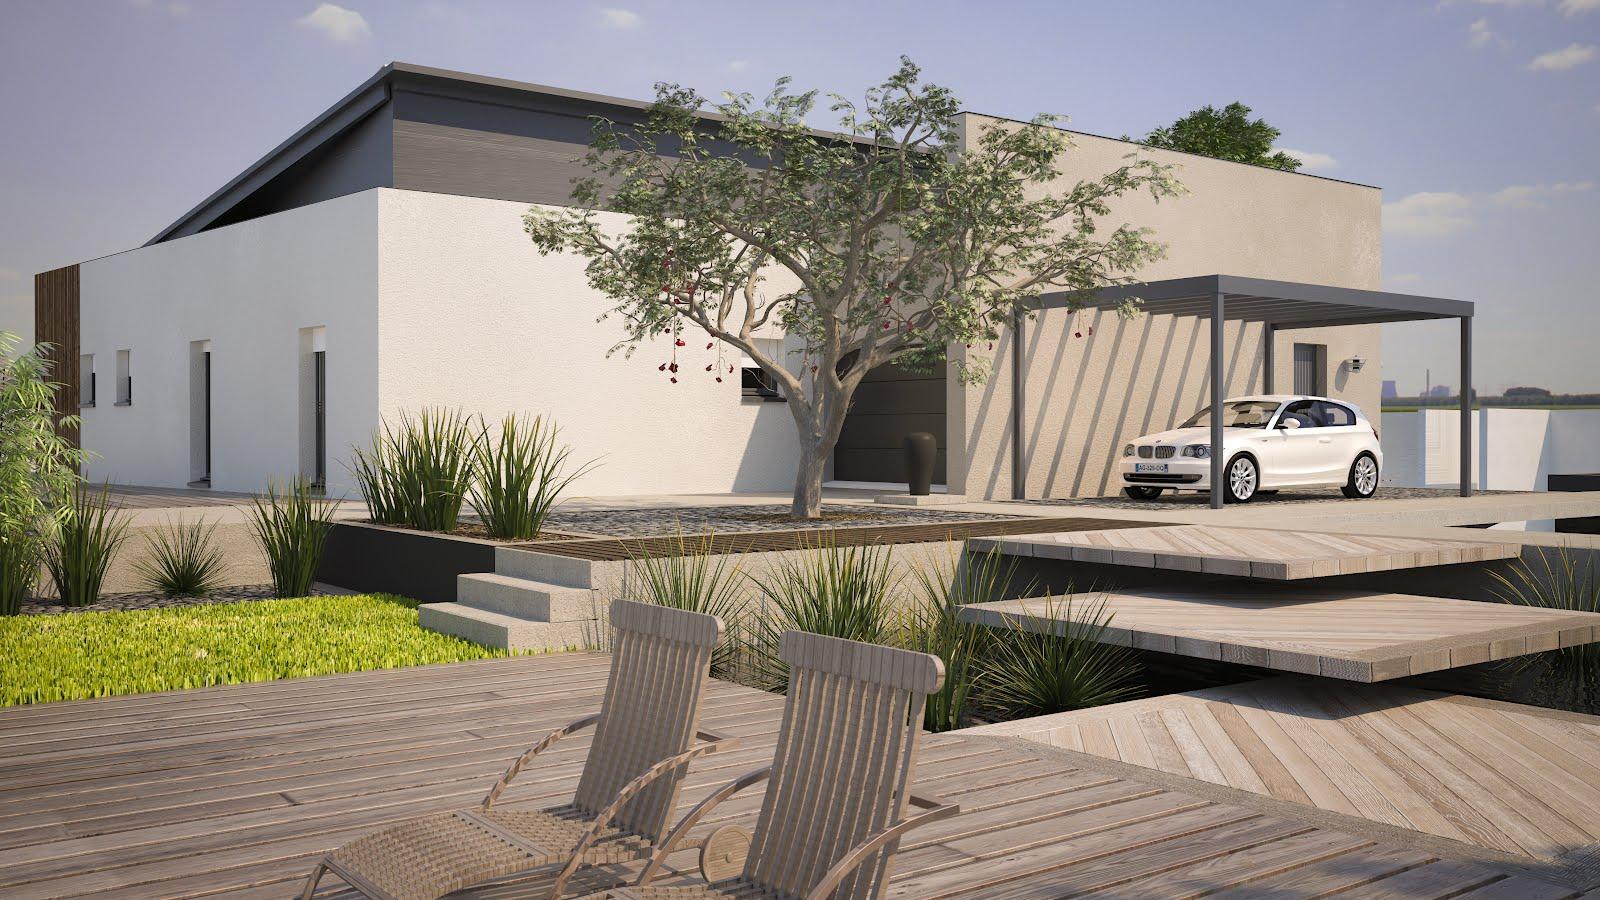 voiture du futur concept mfc 2020 quand le v hicule lectrique rencontre la maison nergie. Black Bedroom Furniture Sets. Home Design Ideas